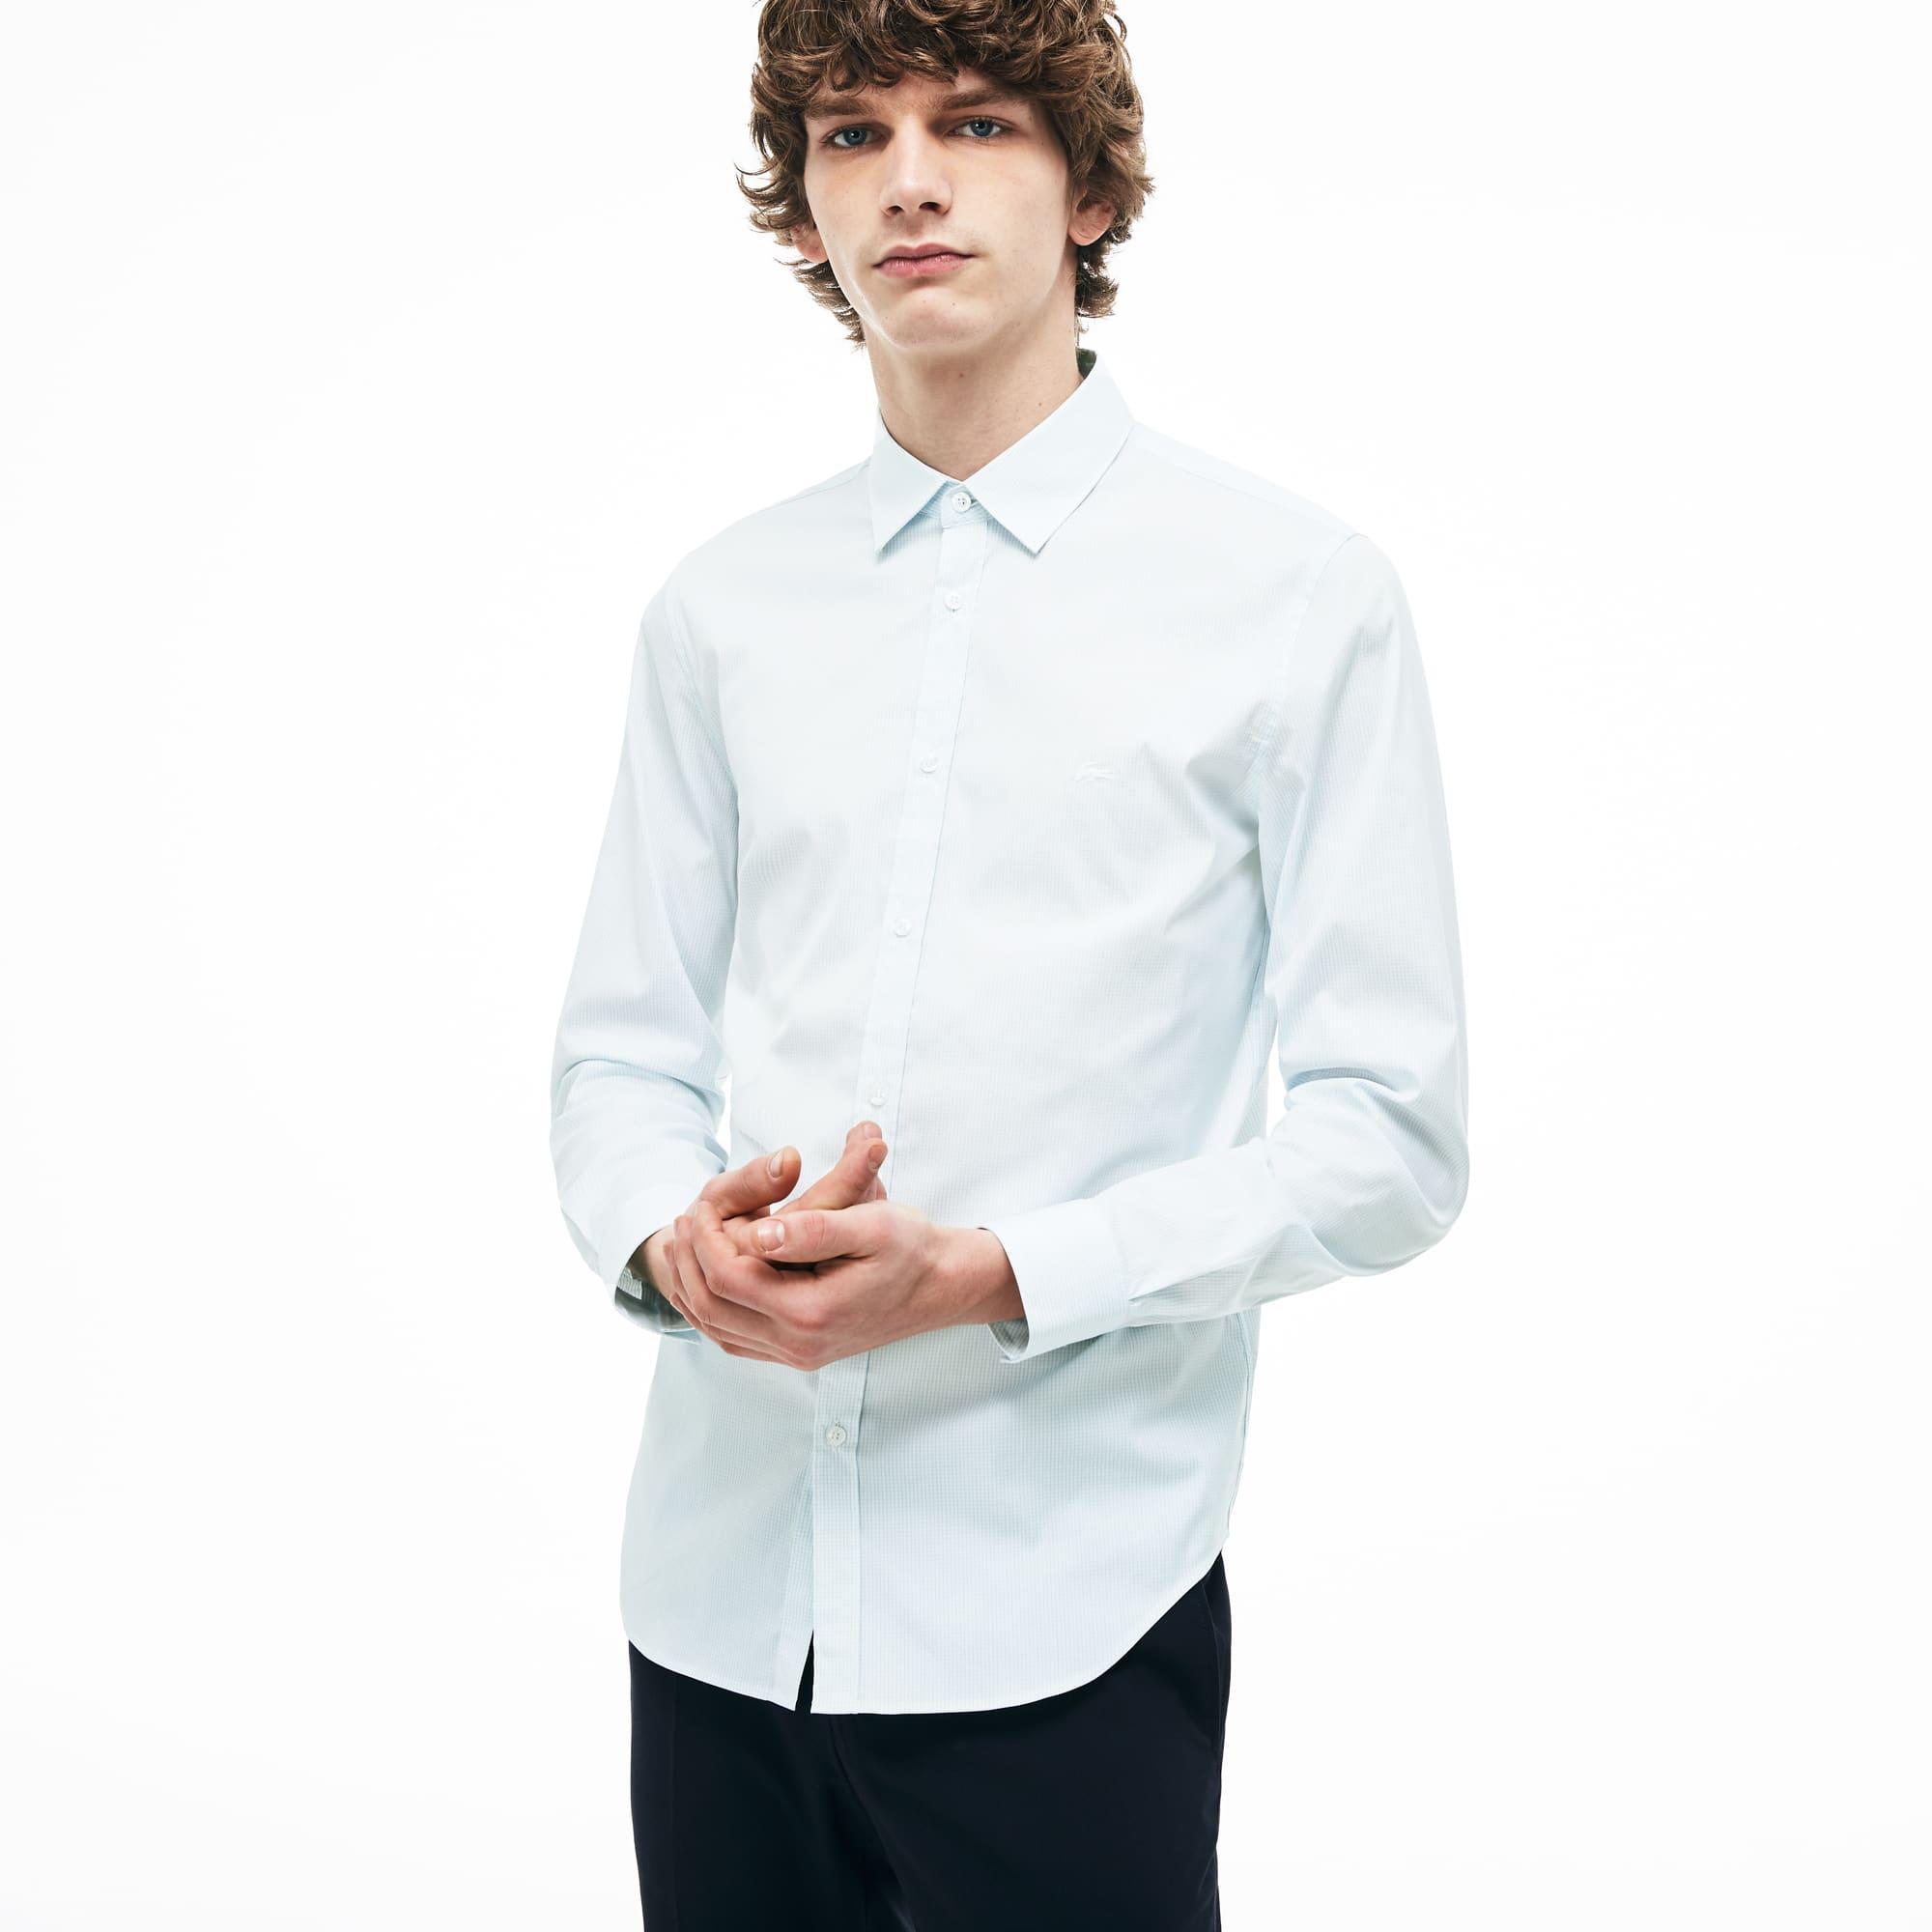 d2788af18 Camisa de hombre slim fit en popelín de algodón con estampado de cuadros  pequeños